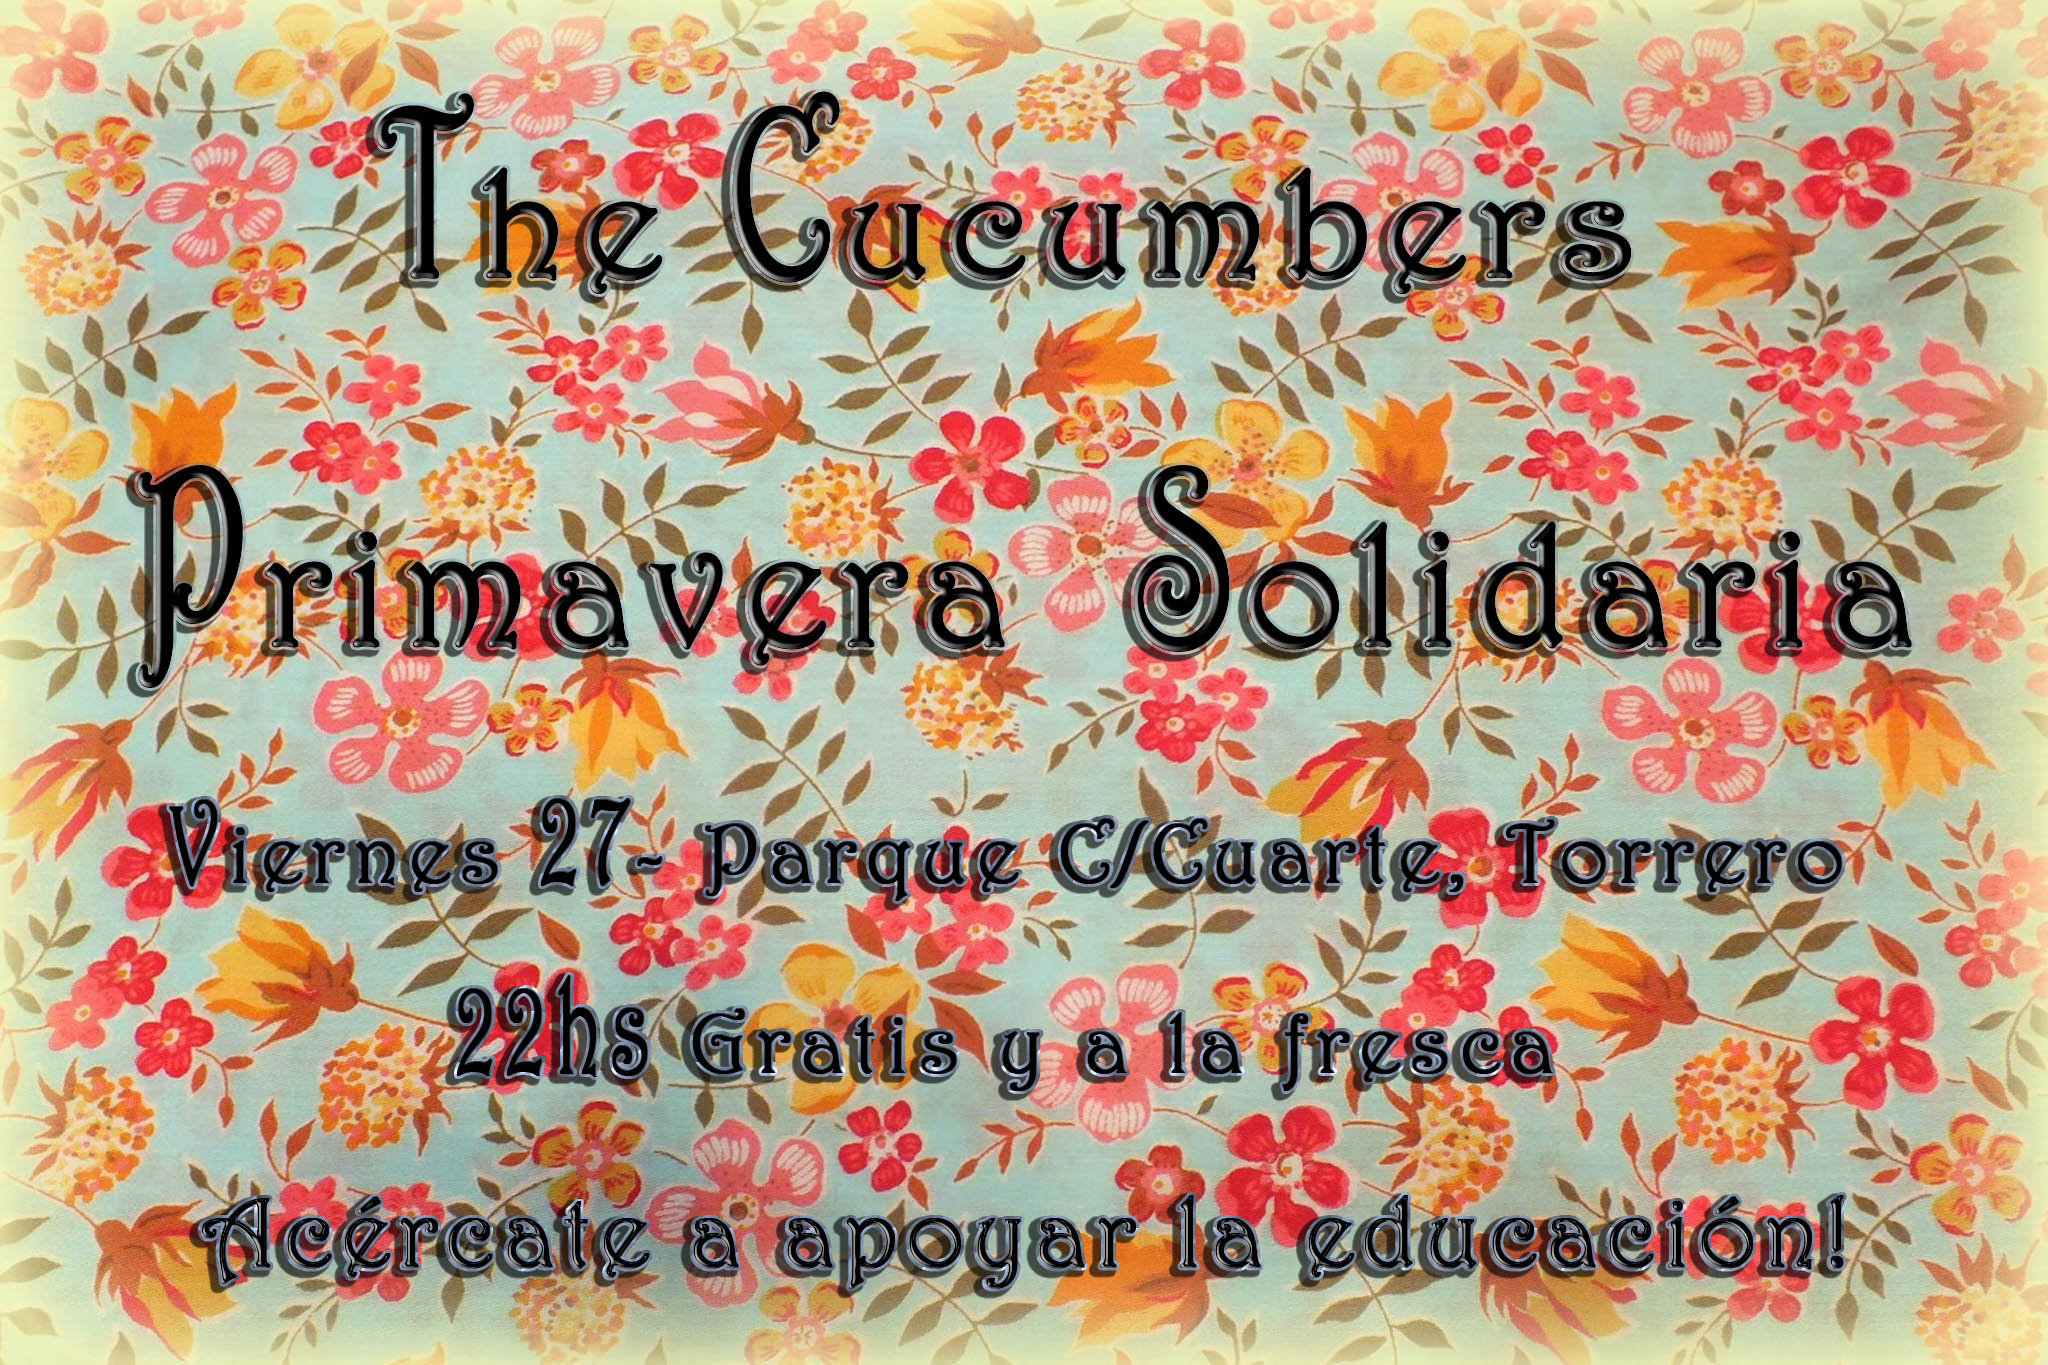 27 de mayo (viernes) Primavera Solidaria, gratis y a la fresca – Parque C/Cuarte Torrero – 22hs